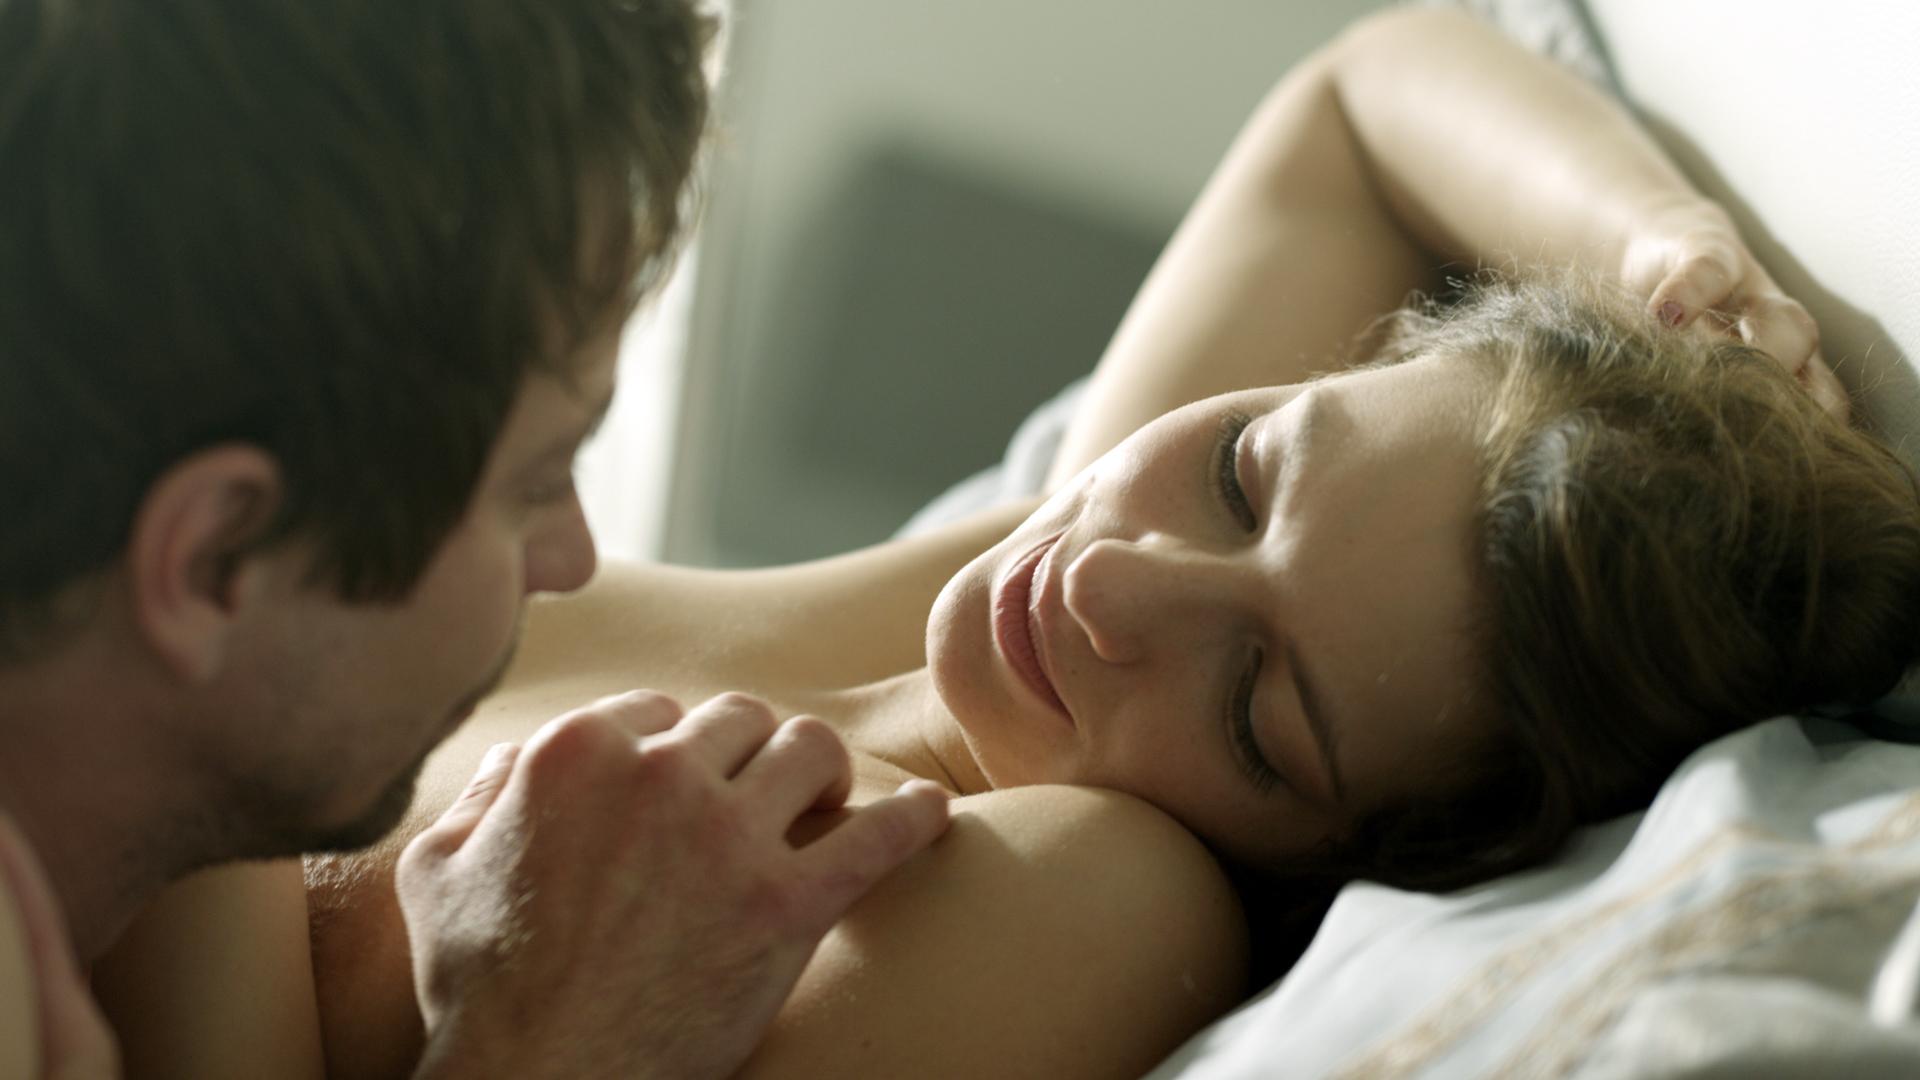 www sexdoma cz eroticke filmy zdarma